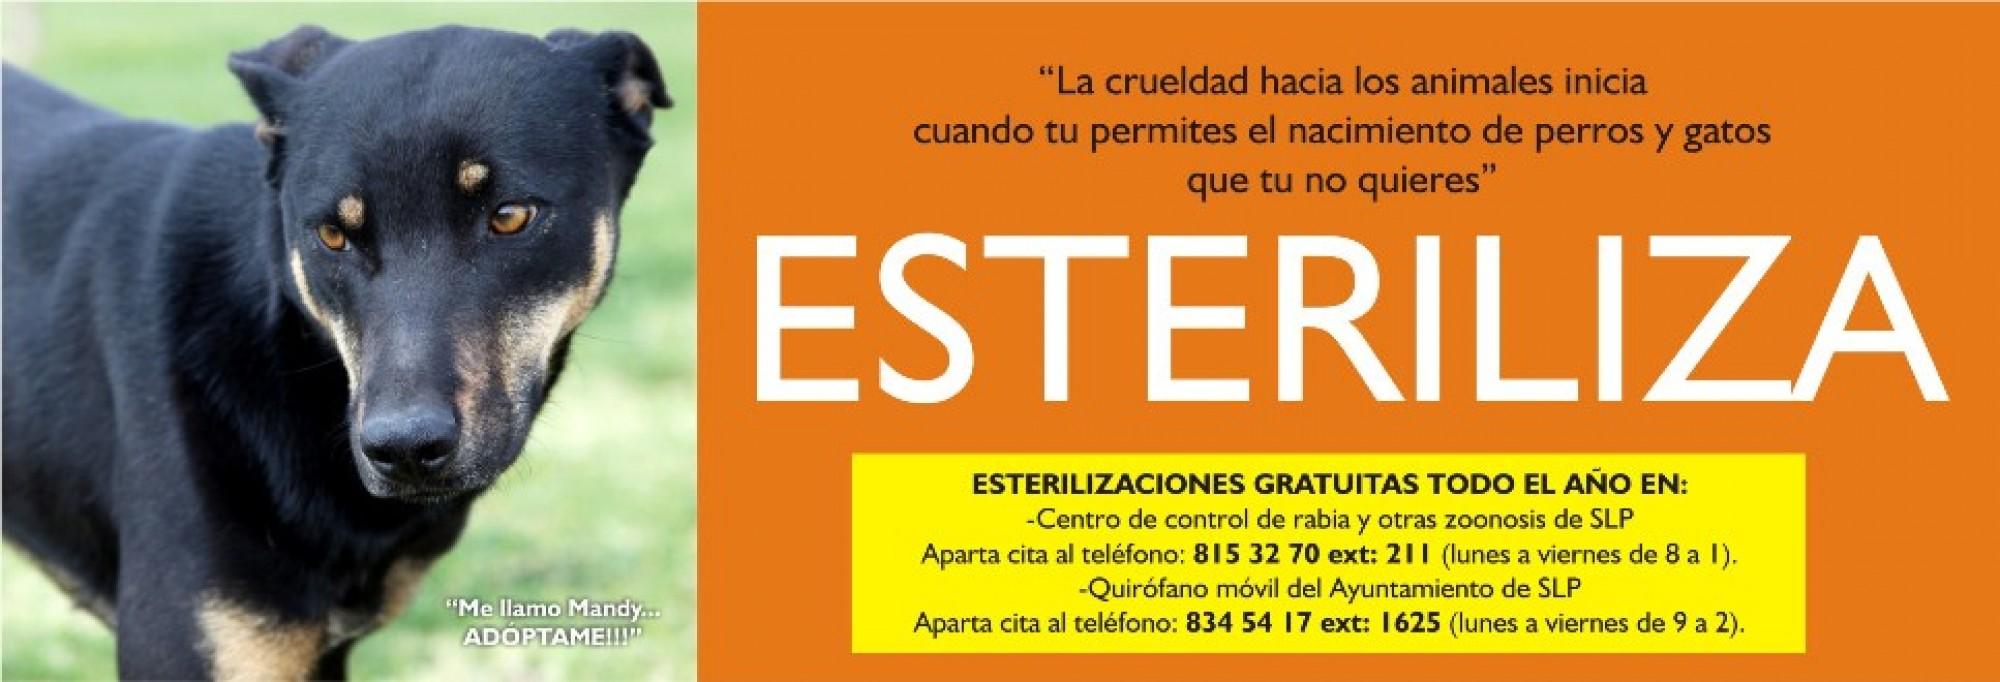 estreriliza-w-2000x682